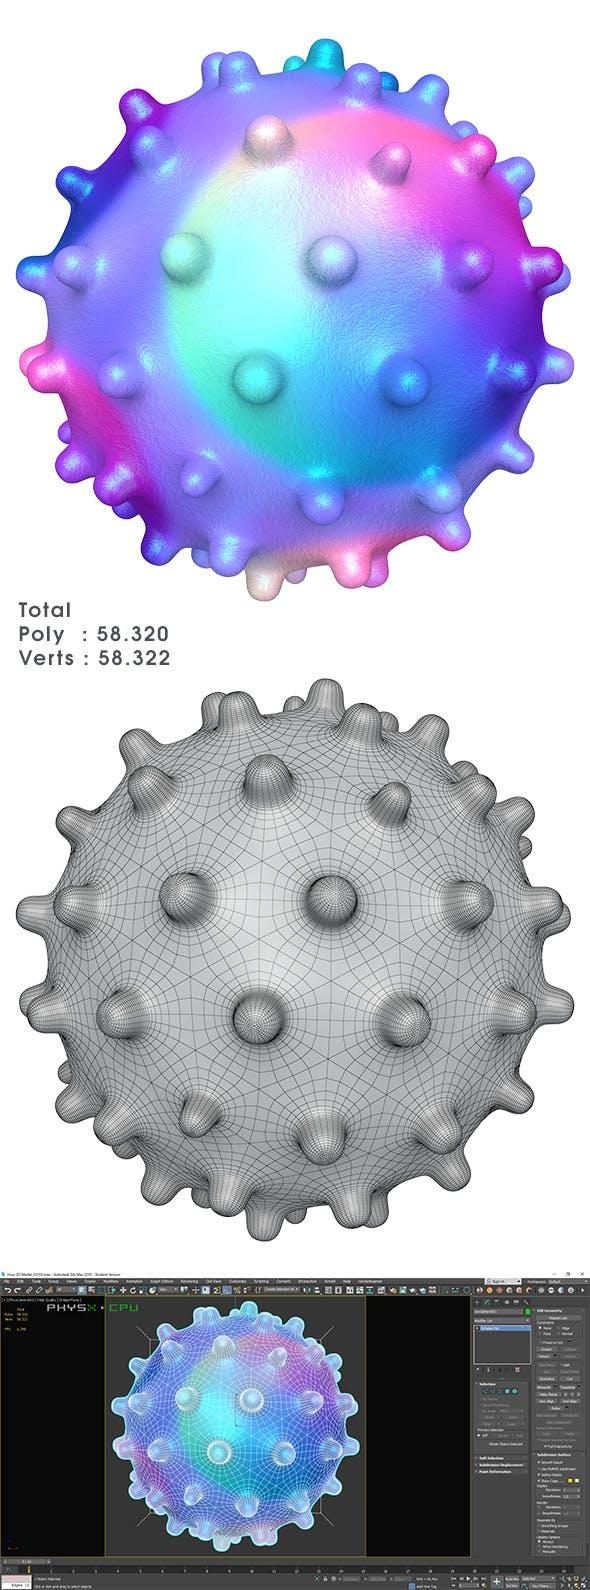 Virus 3D Model - 3DOcean Item for Sale